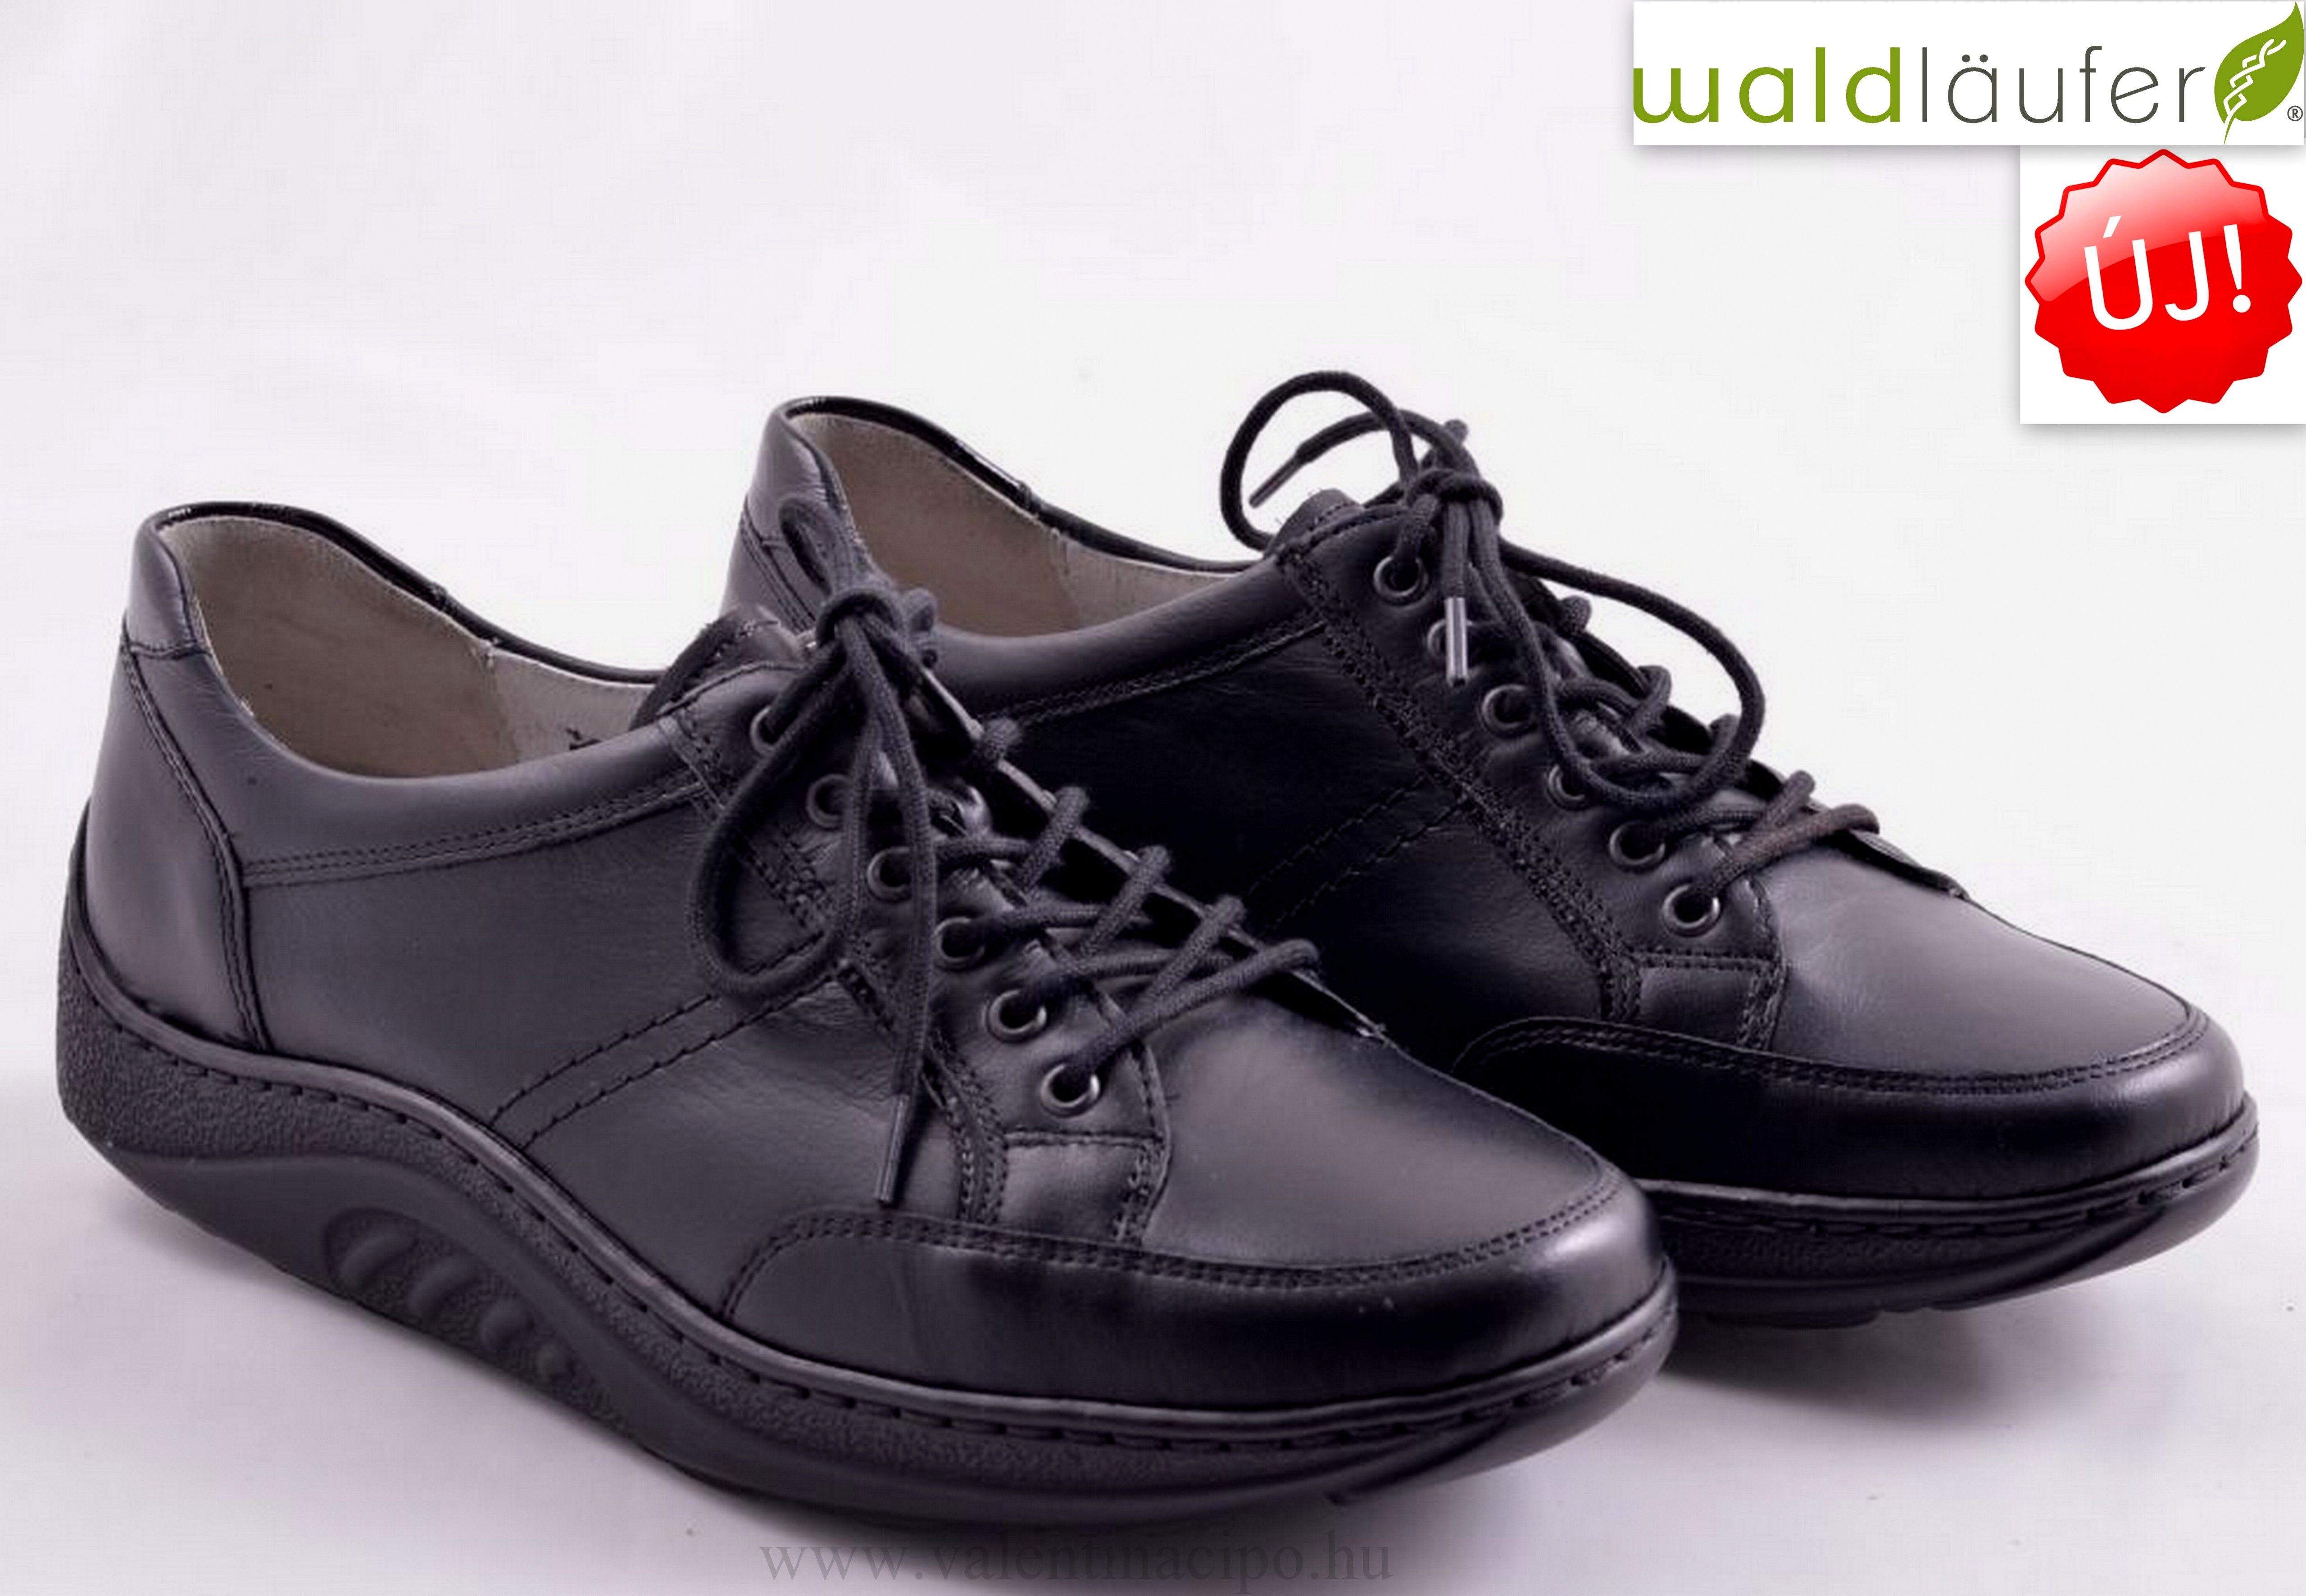 a0b084d09a WALDLAUFER DYNAMIC gördülő talpú cipő, a legújabb generációs gördülő  talpszerkezettel kerül forgalomba a Valentina Cipőboltokba